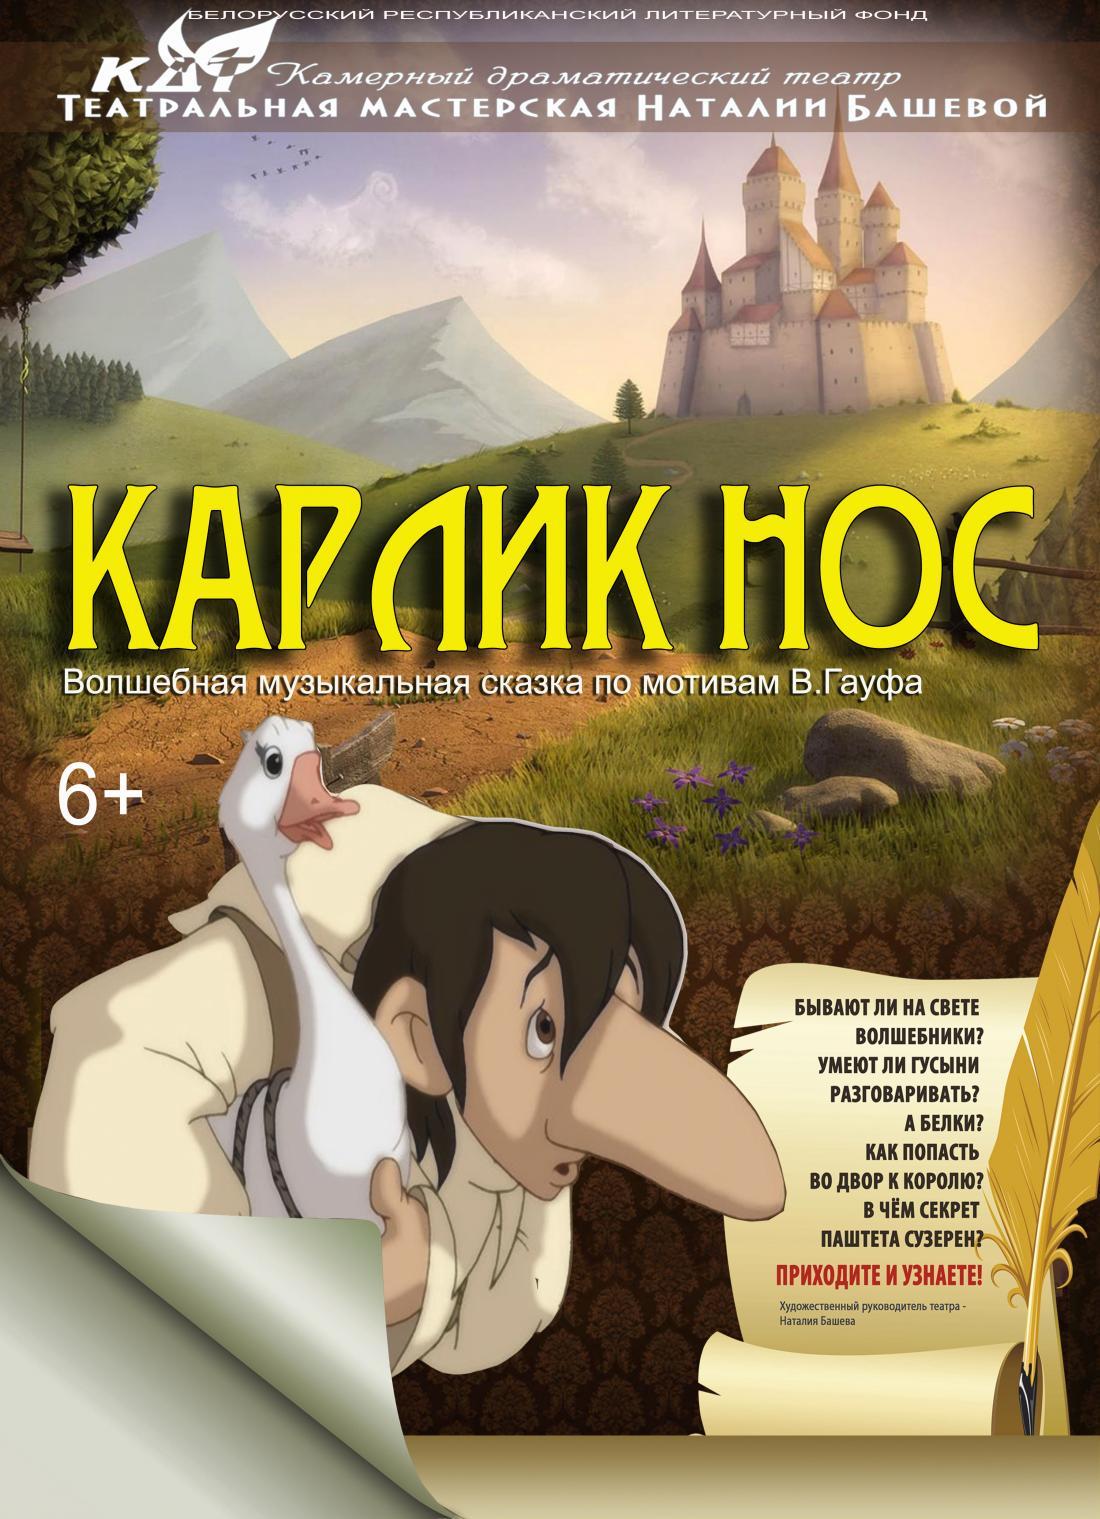 """8 декабря детский спектакль """"Карлик нос"""", два билета по цене одного от 8 руб."""